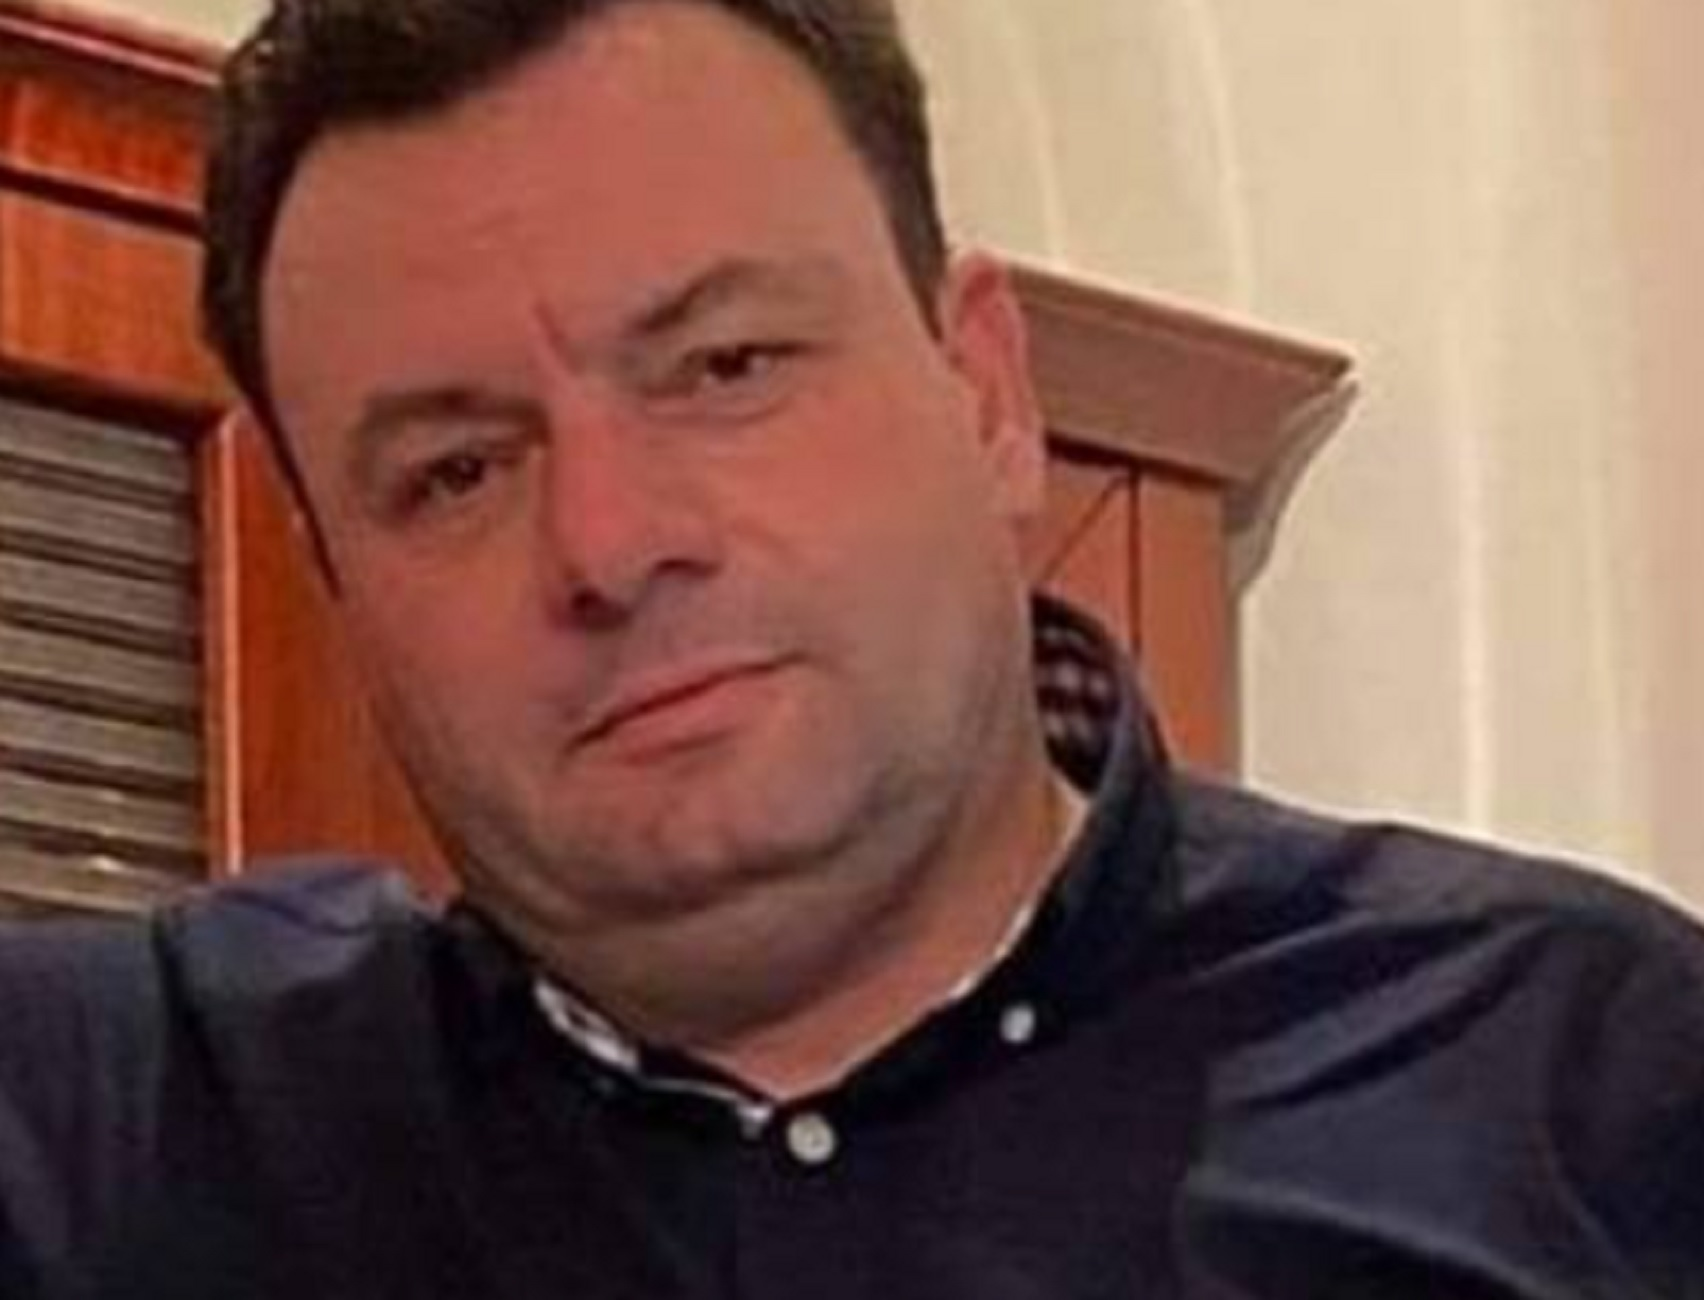 Αχαϊα: Σκοτώθηκε σε τροχαίο ο Νίκος Πανούτσος – Αυτοψία στο σημείο της μοιραίας σύγκρουσης (pics)